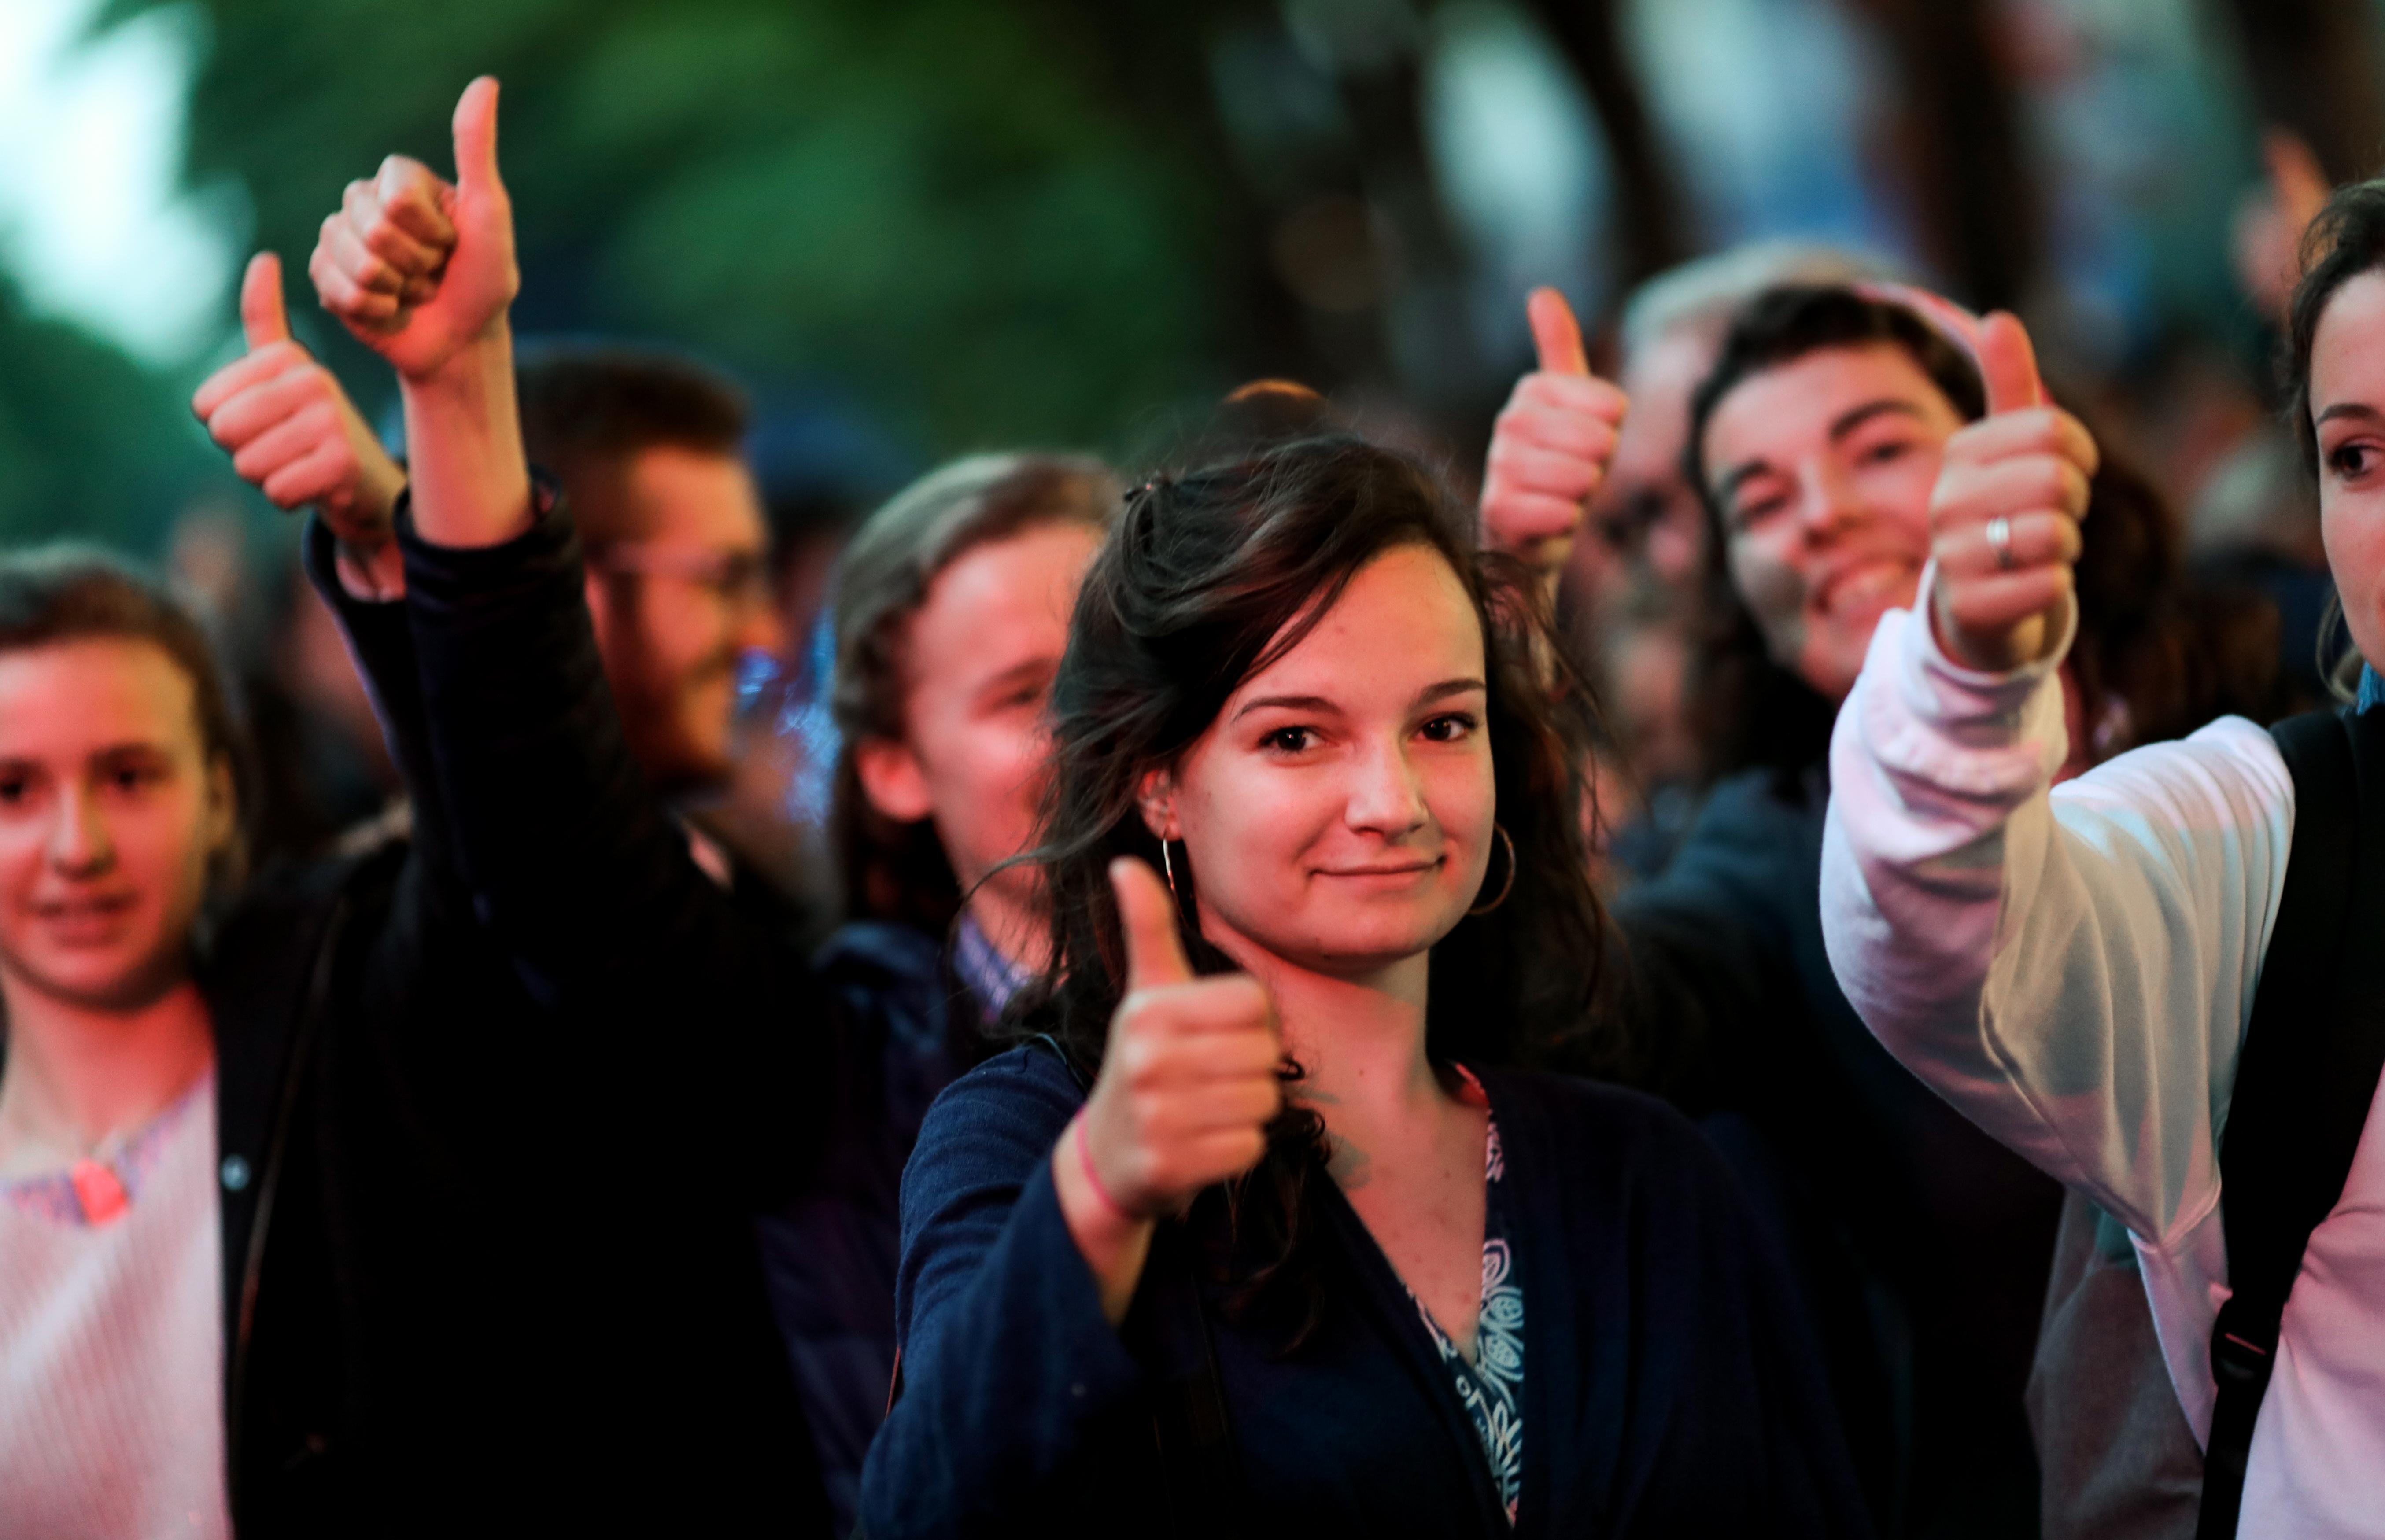 Una multitud celebró la decisión judicial y tomó como símbolo el pulgar hacia arriba, gesto utilizado en las luchas romanas para decidir el destino de los gladiadores (AFP)